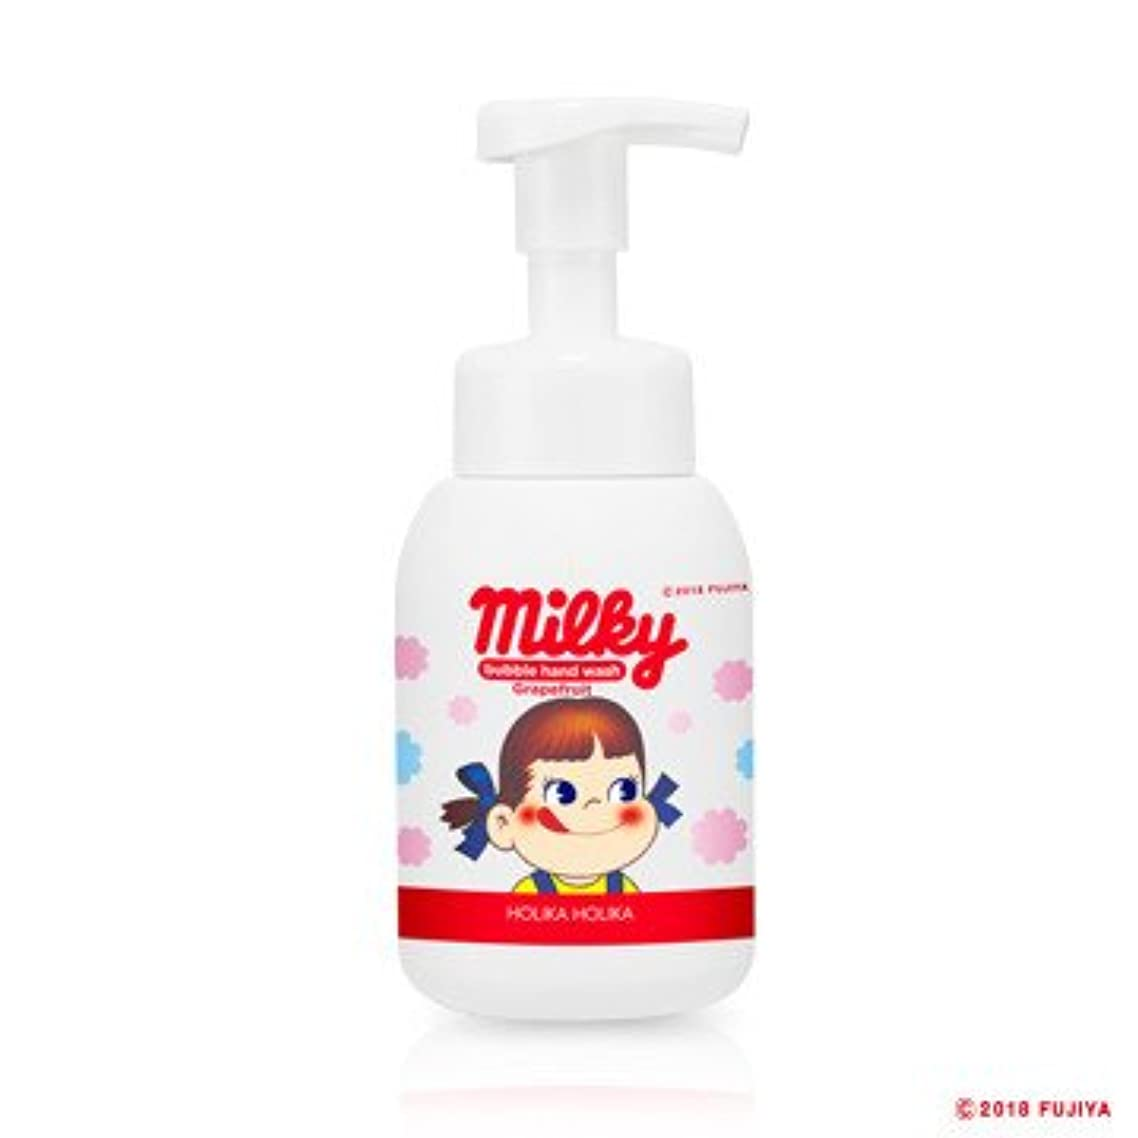 試みテニス運動するHolika Holika [Sweet Peko Edition] Bubble Hand Wash/ホリカホリカ [スイートペコエディション] バブルハンドウォッシュ 250ml [並行輸入品]